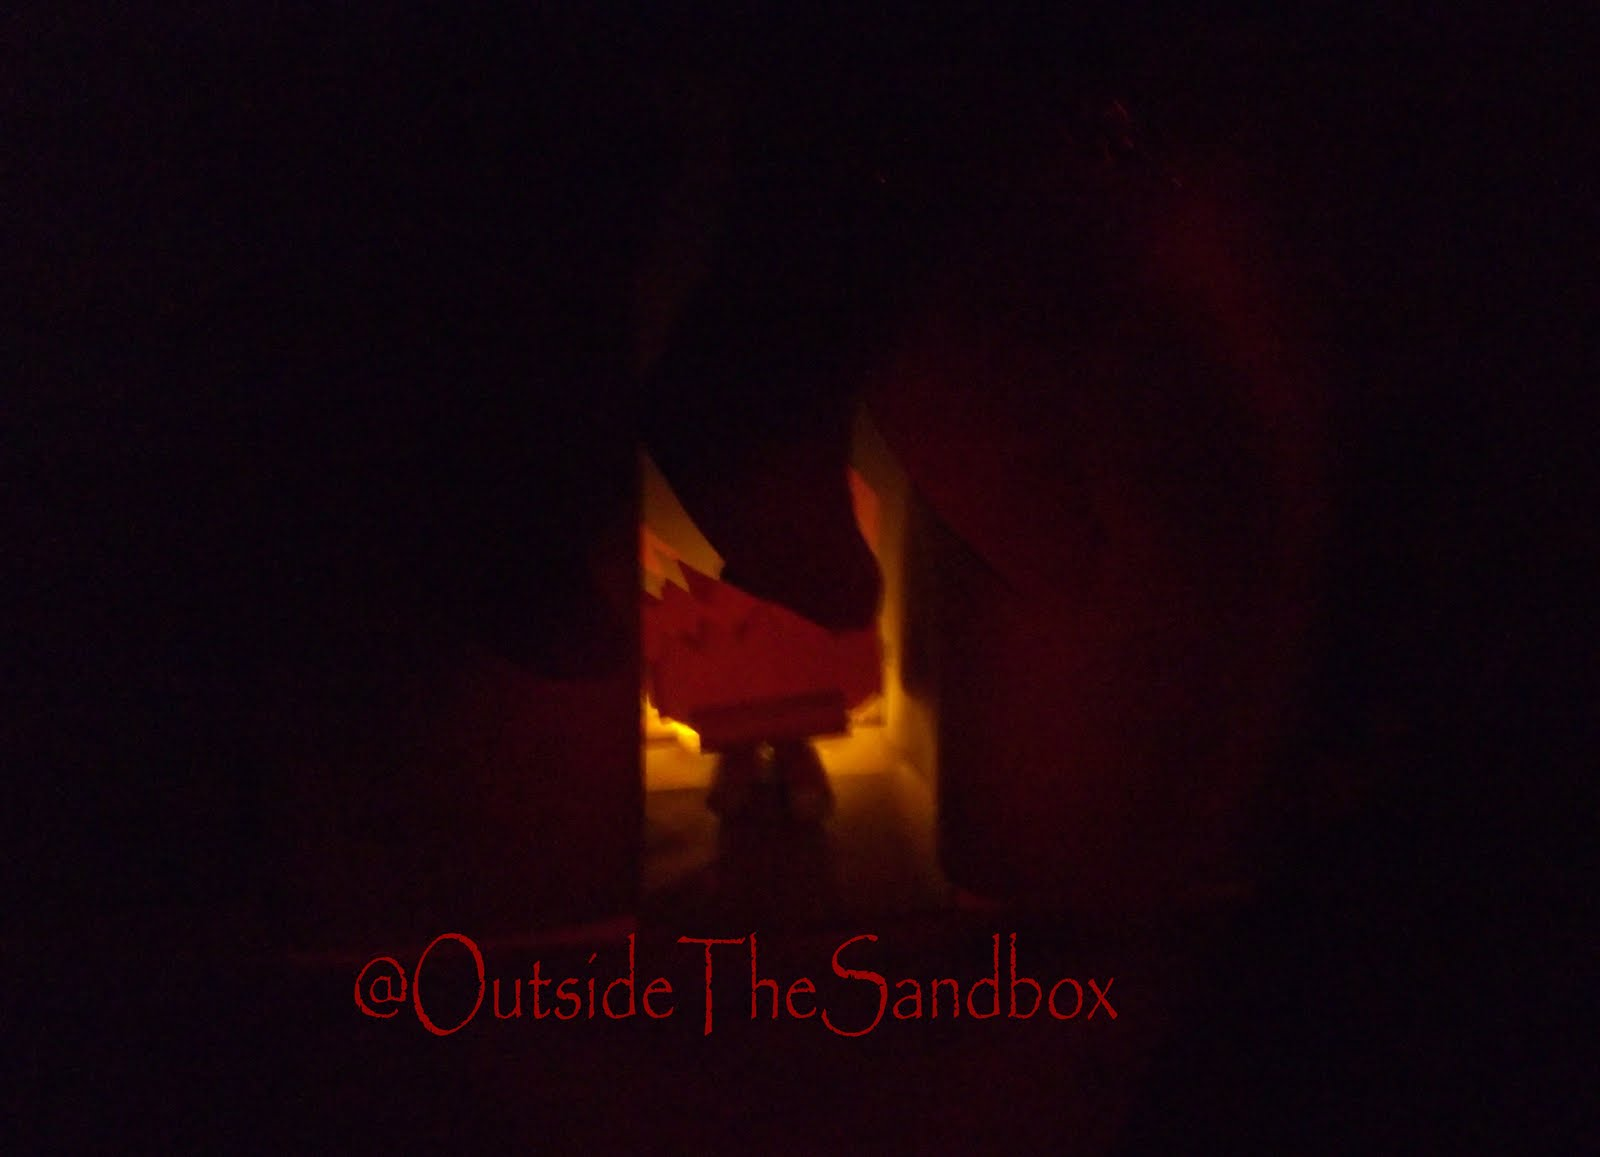 Outside The Sandbox Christmas Decor Homemade Mantel And